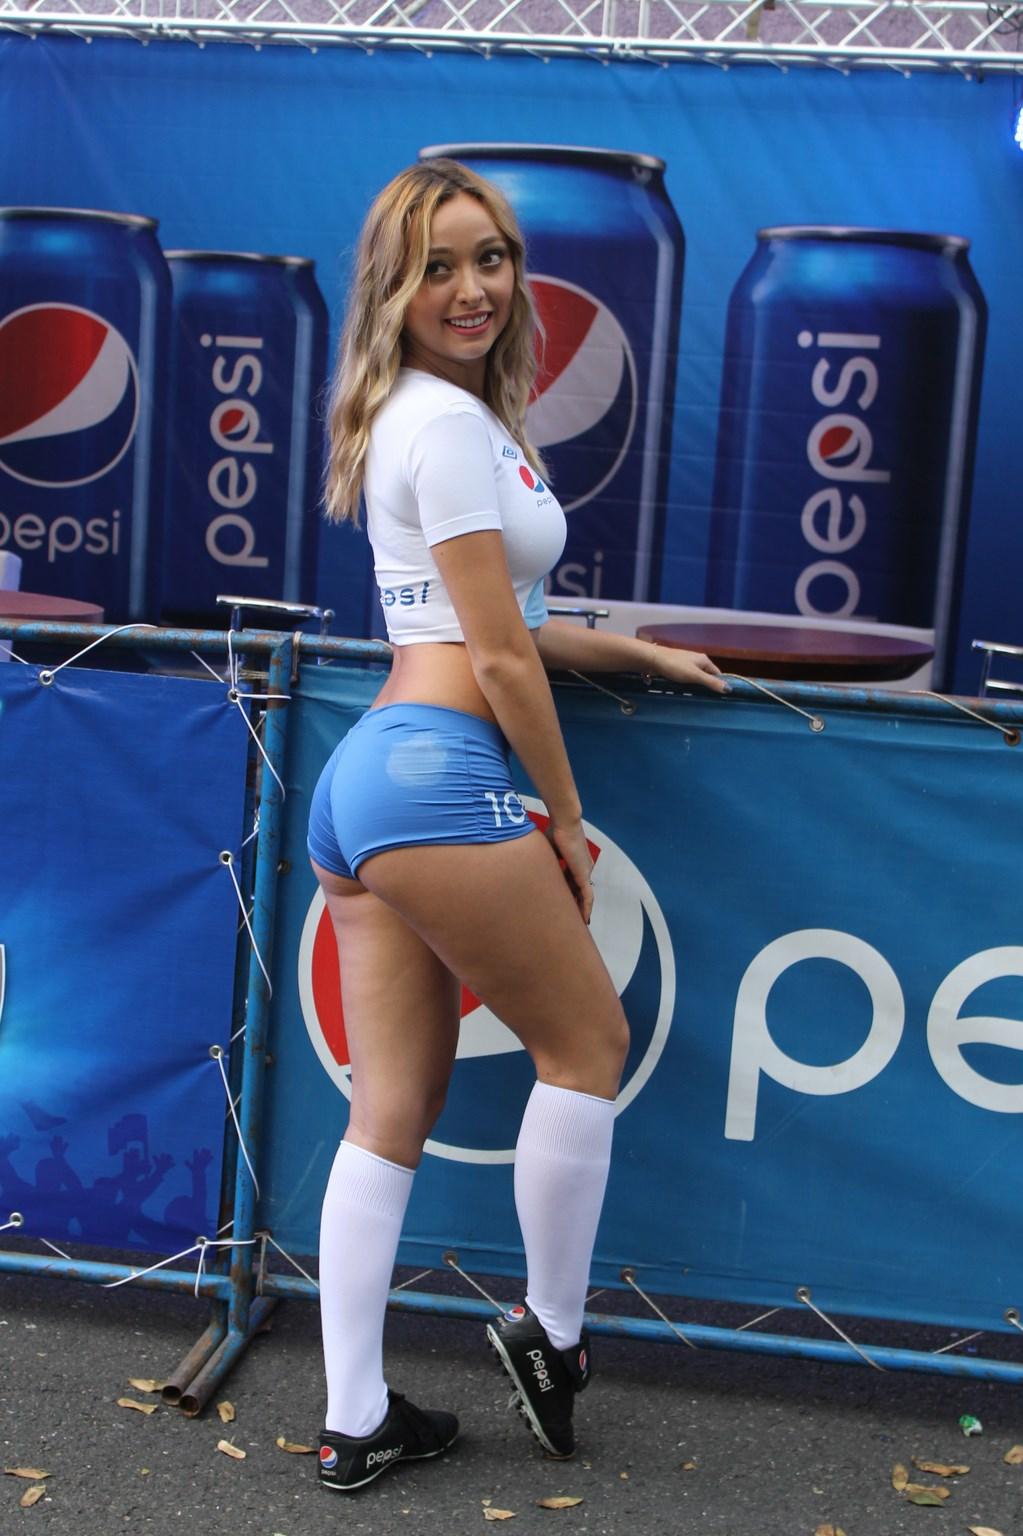 (((FOTOS))) Chicas de azul y blanco en el estadio